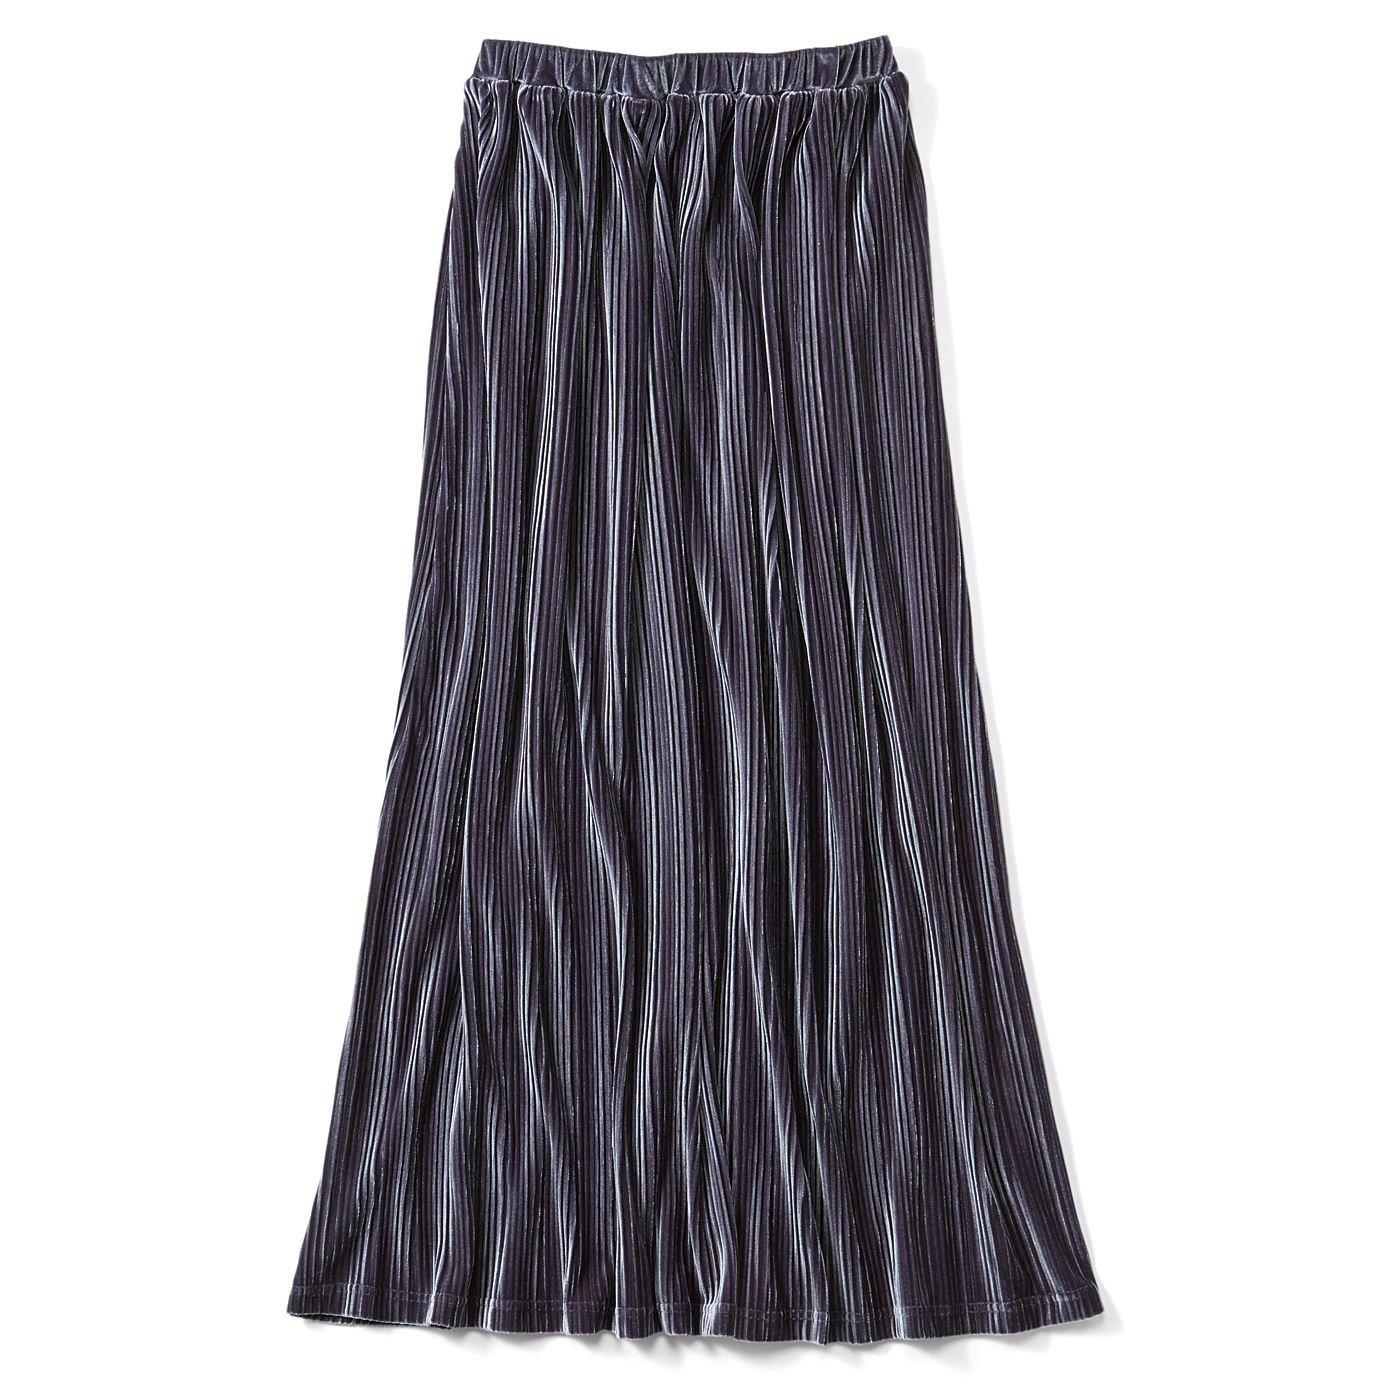 リブ イン コンフォート 栞里ちゃんとつくった いつものカジュアルスタイルをクラスアップ ひらっと軽やか&らくちん 細プリーツスカート〈ネイビーグレー〉